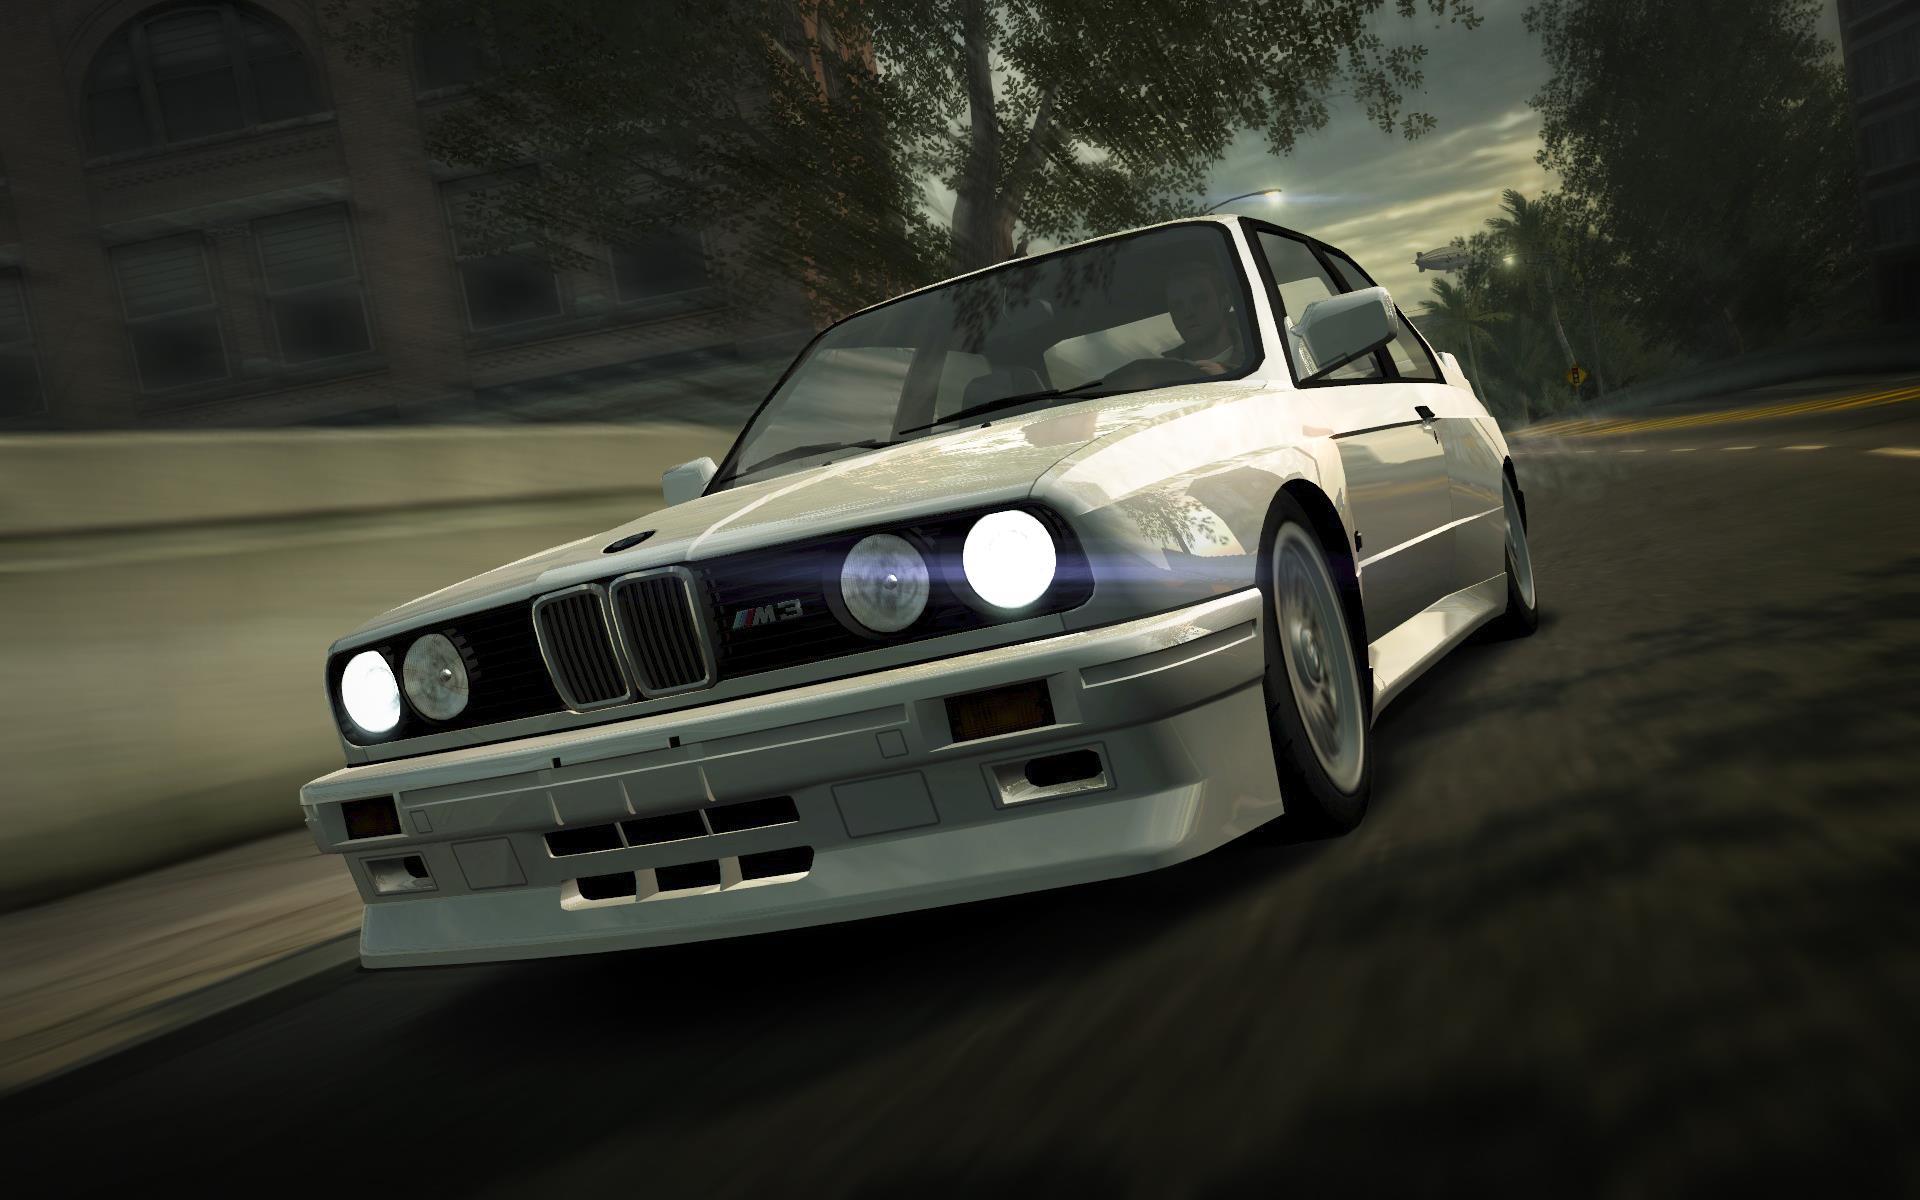 Bmw M3 Sport Evolution Nfs World Wiki Fandom